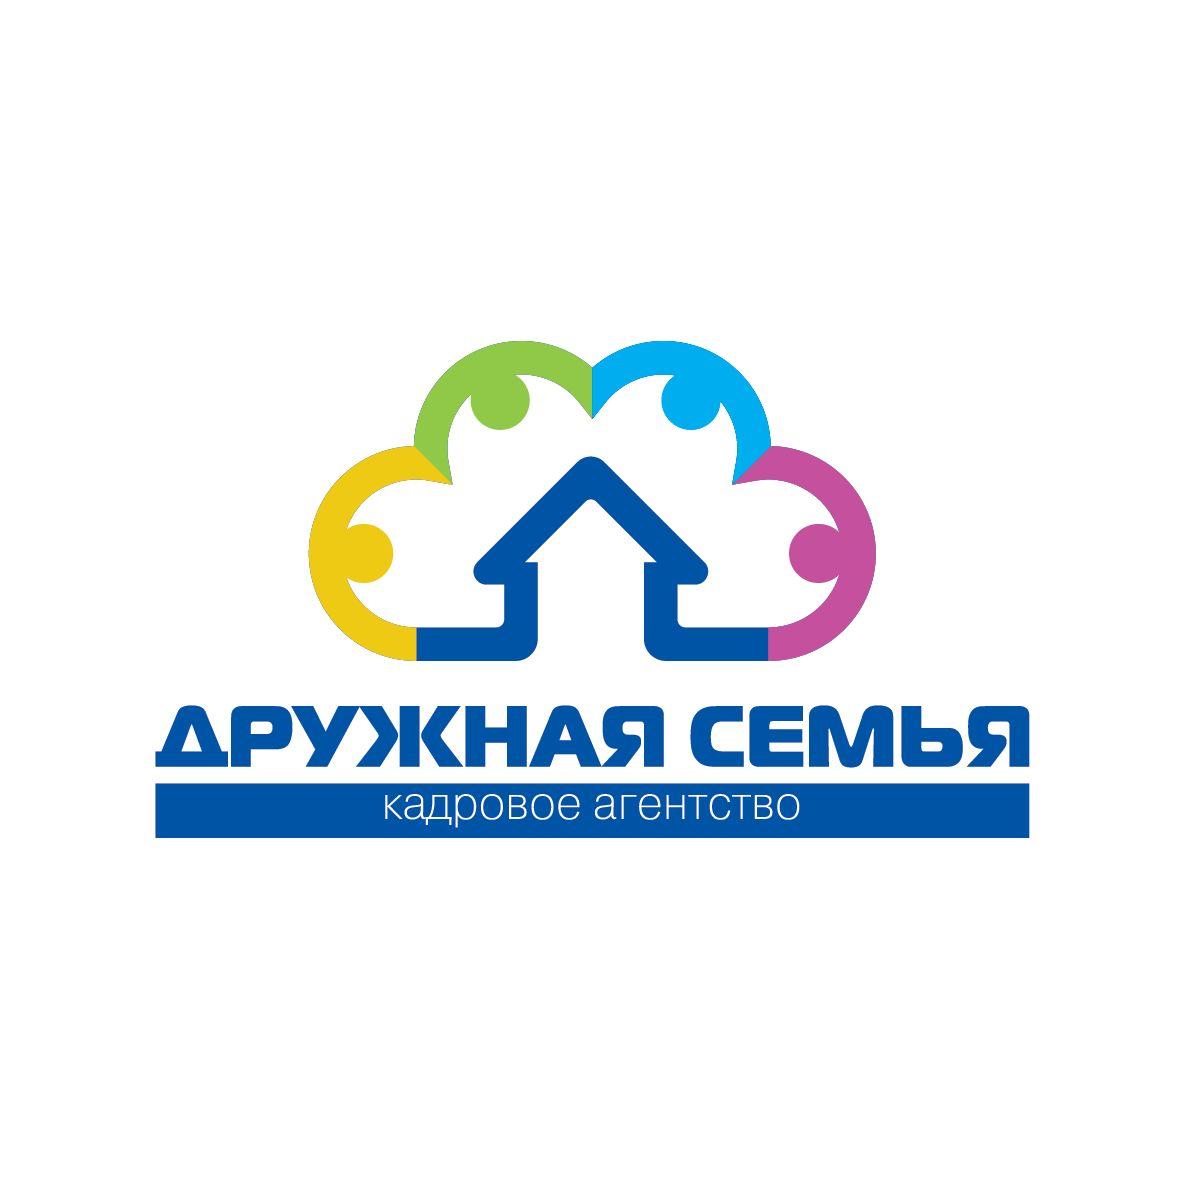 Логотип агентства домашнего персонала - дизайнер kit-design